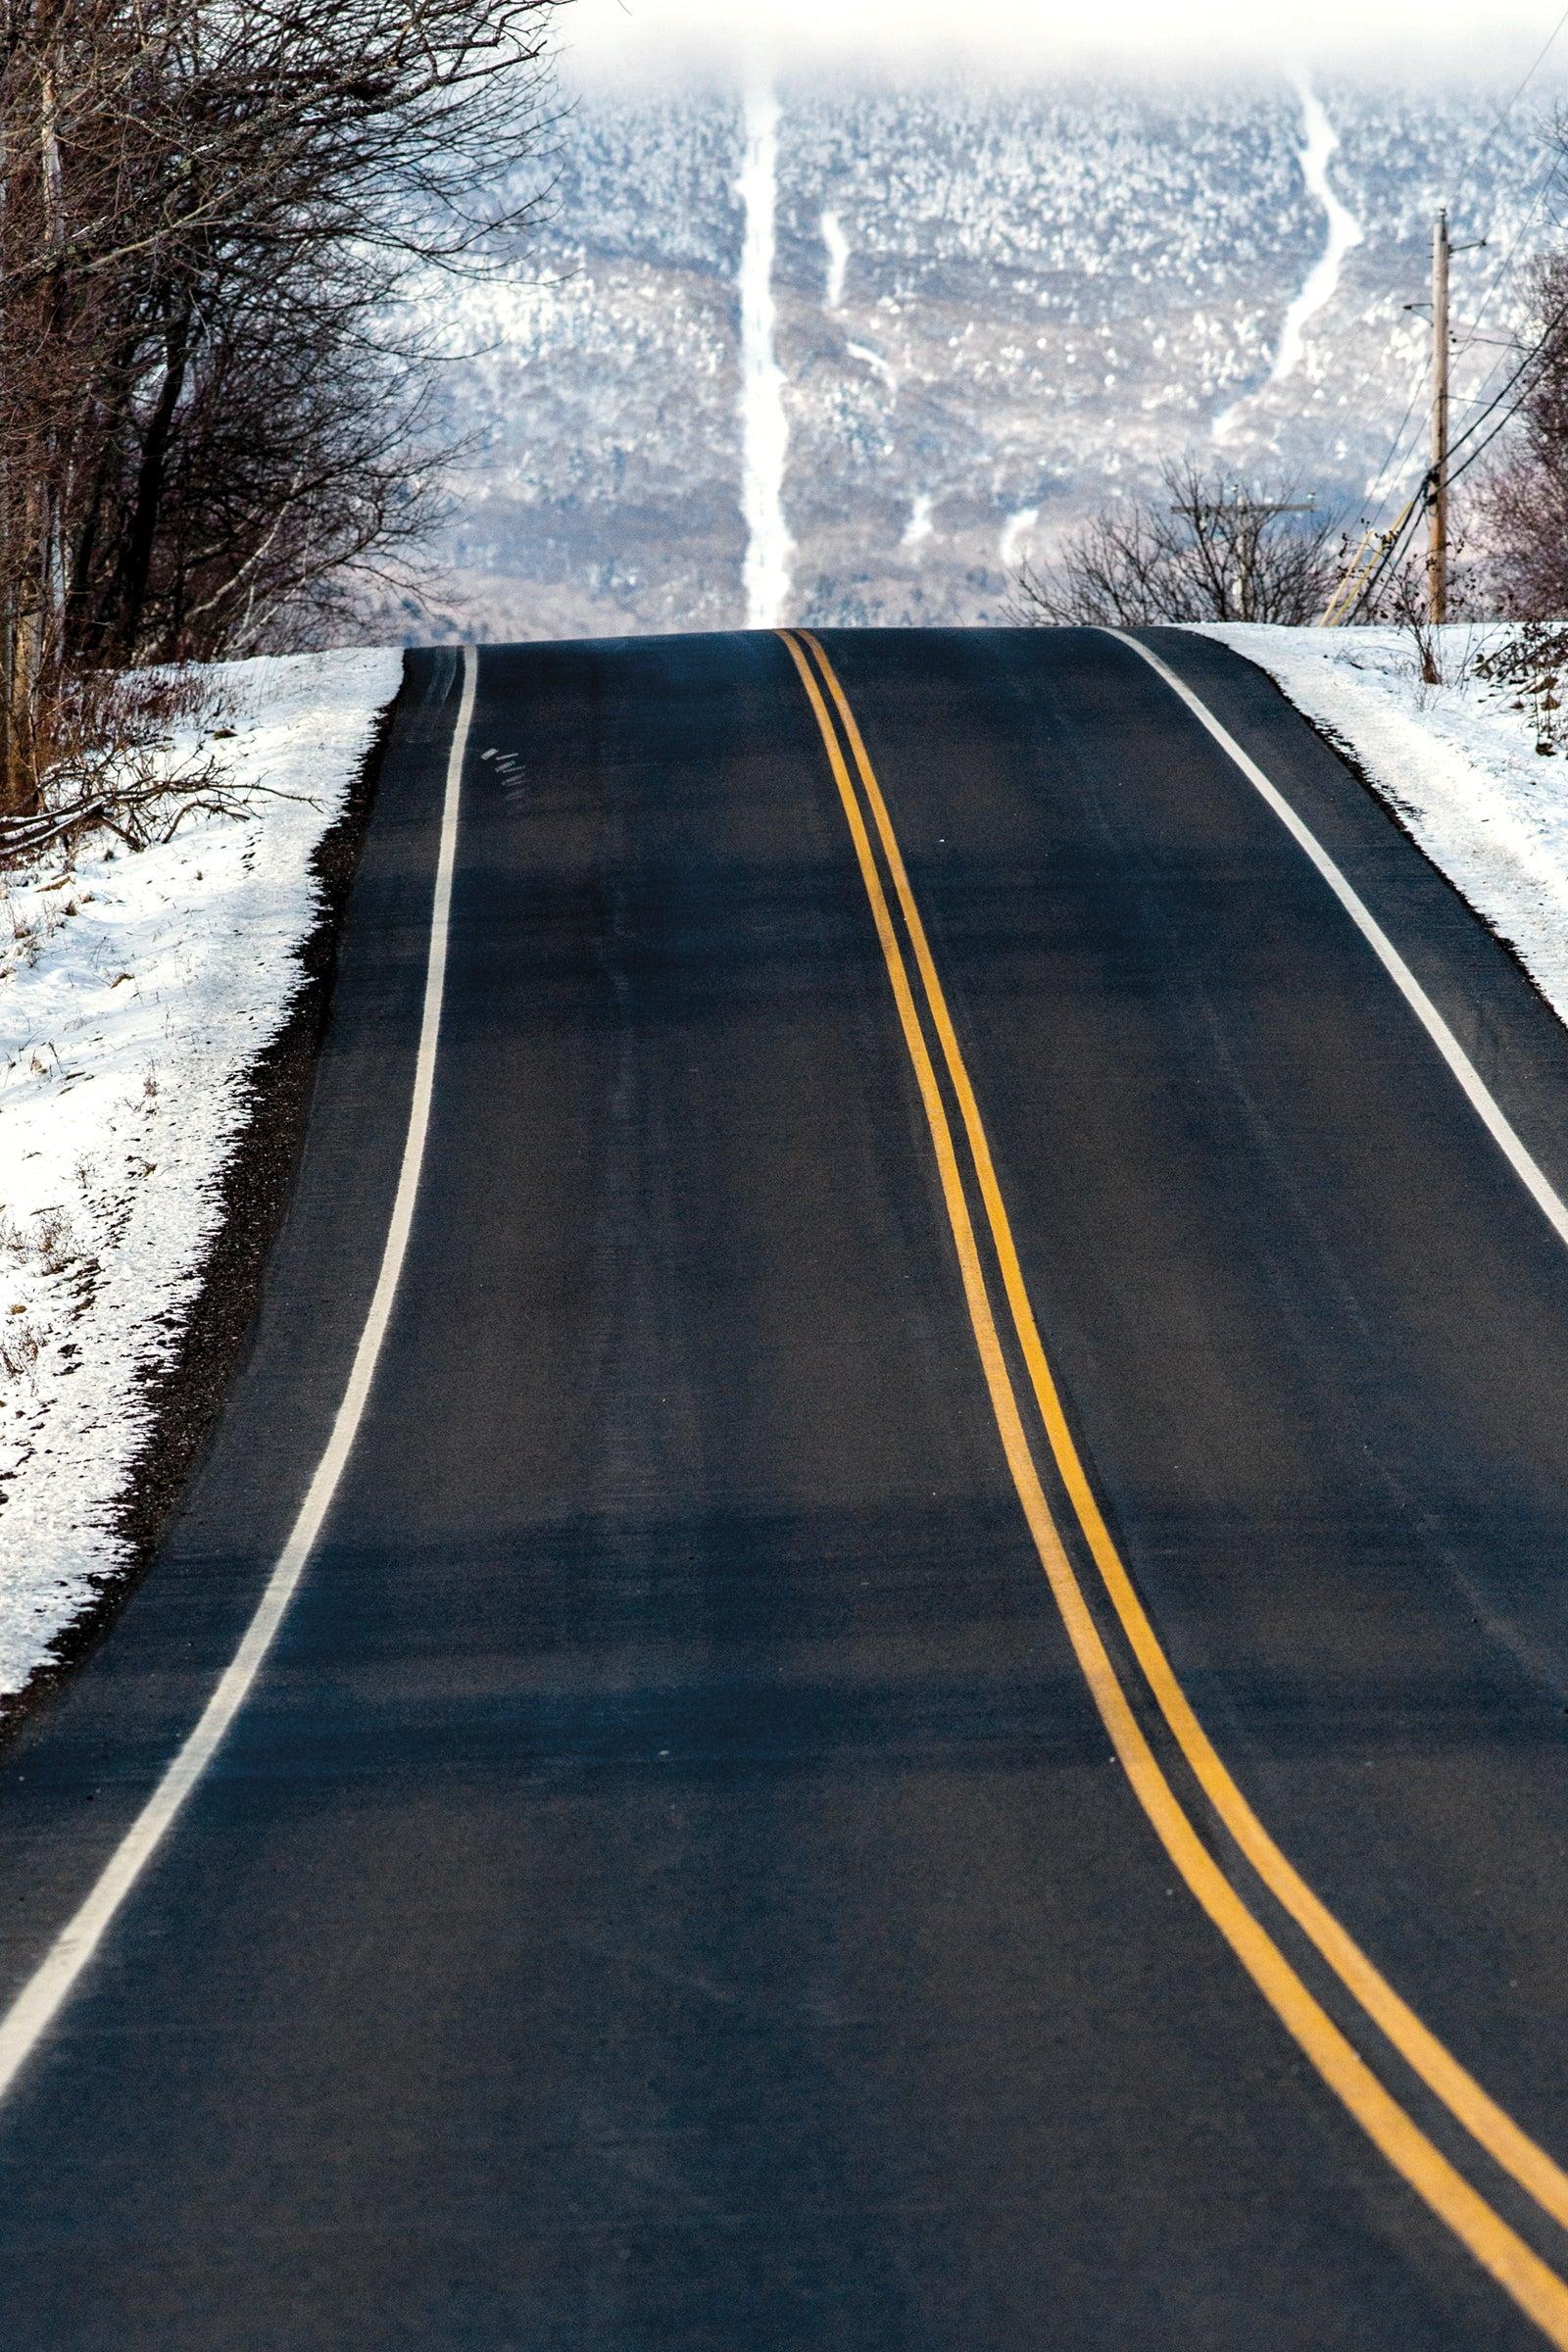 Winter Vermont road to Sugarbush